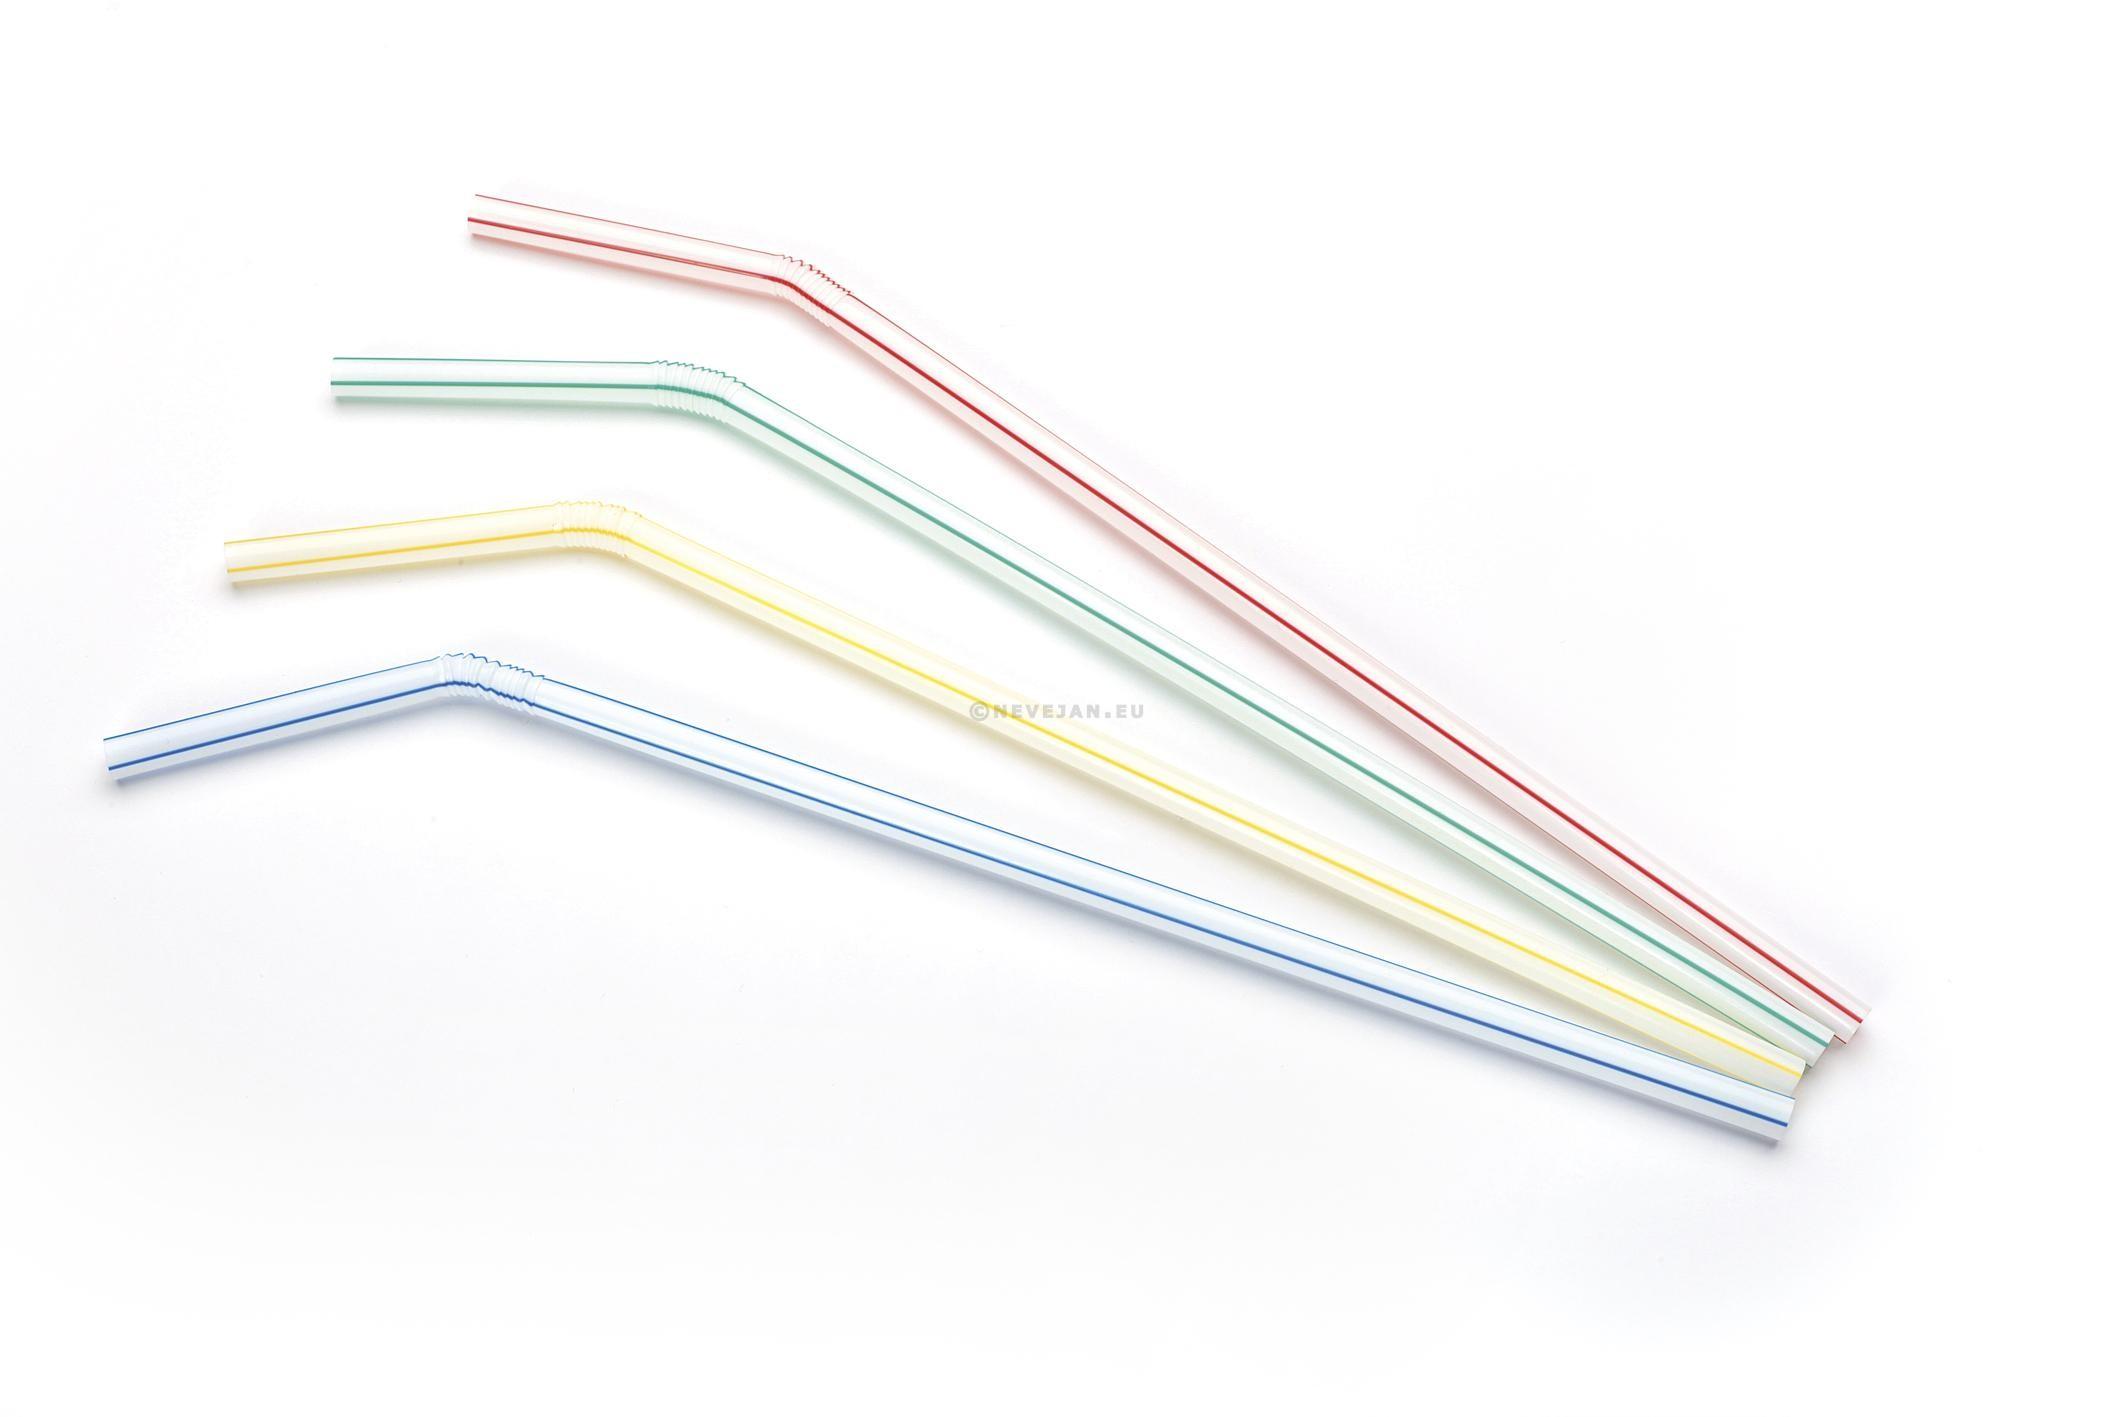 Pailles blanches rayées pliables 24cm 250pc